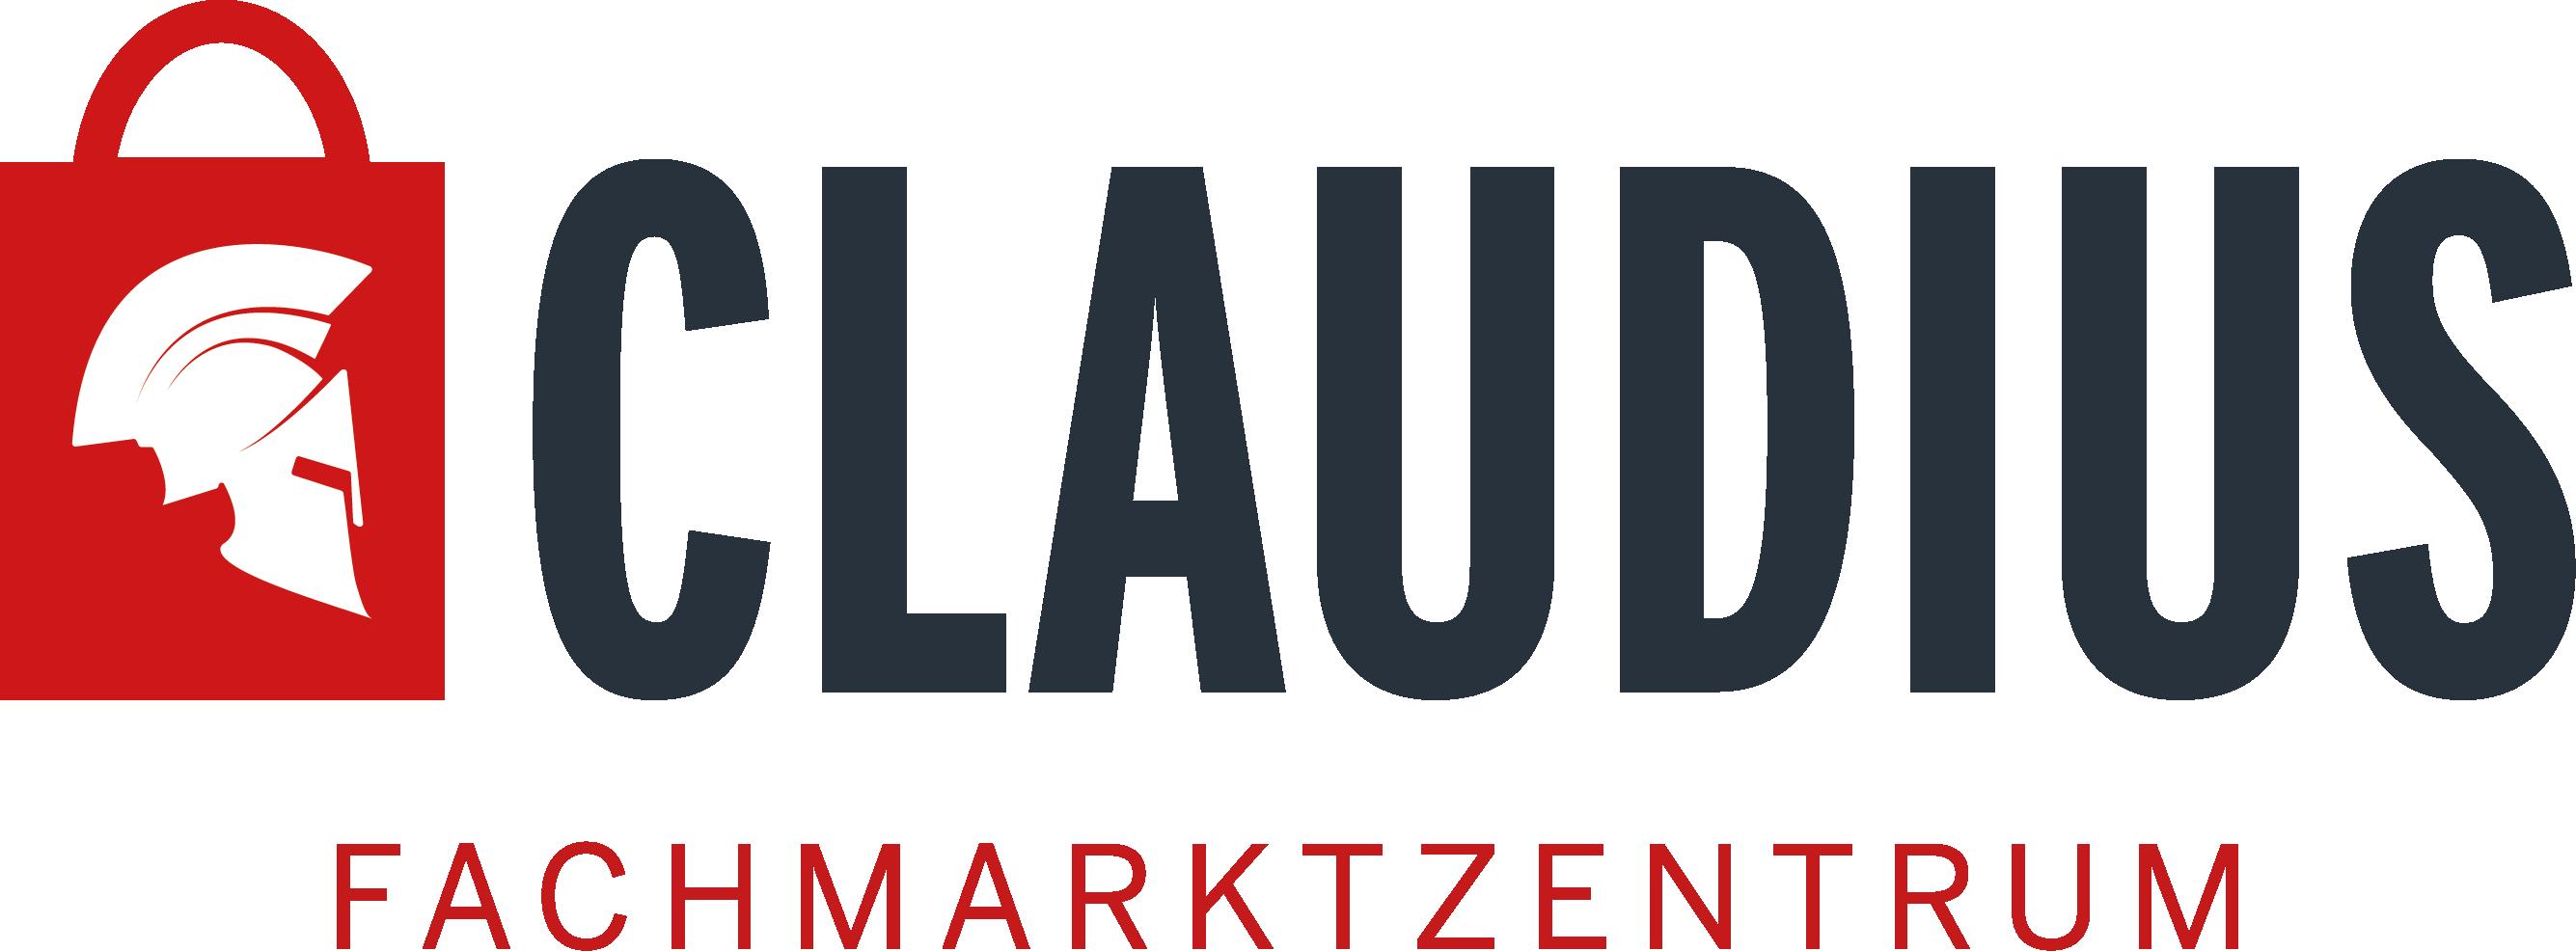 Claudius Fachmarktzentrum